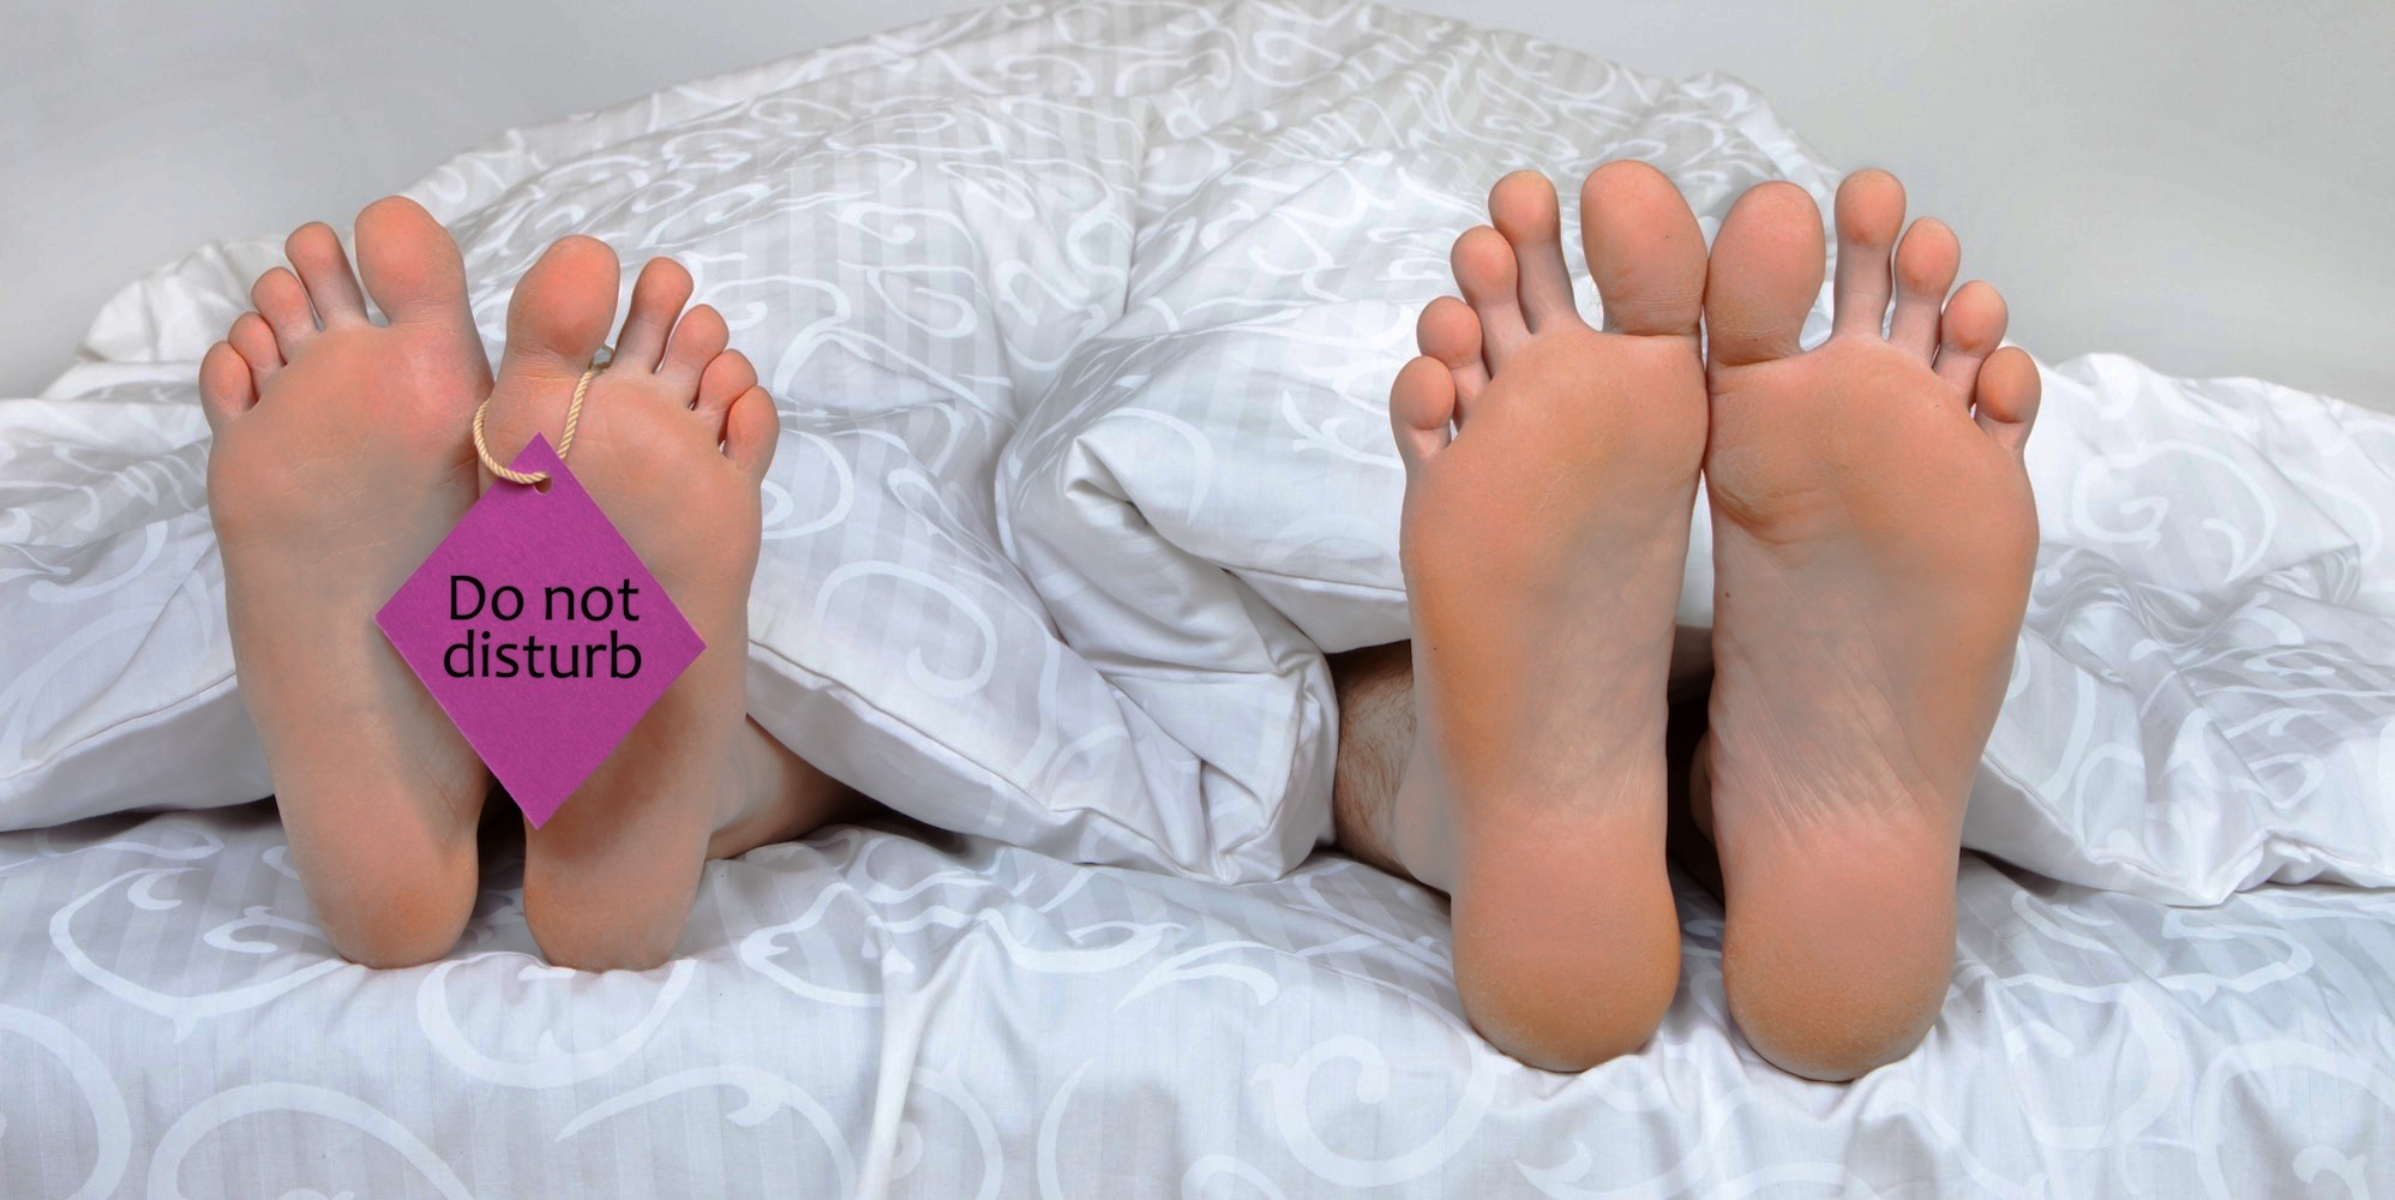 Σεξουαλική επαφή: Πώς η απουσία της αποτυπώνεται στο σώμα σου